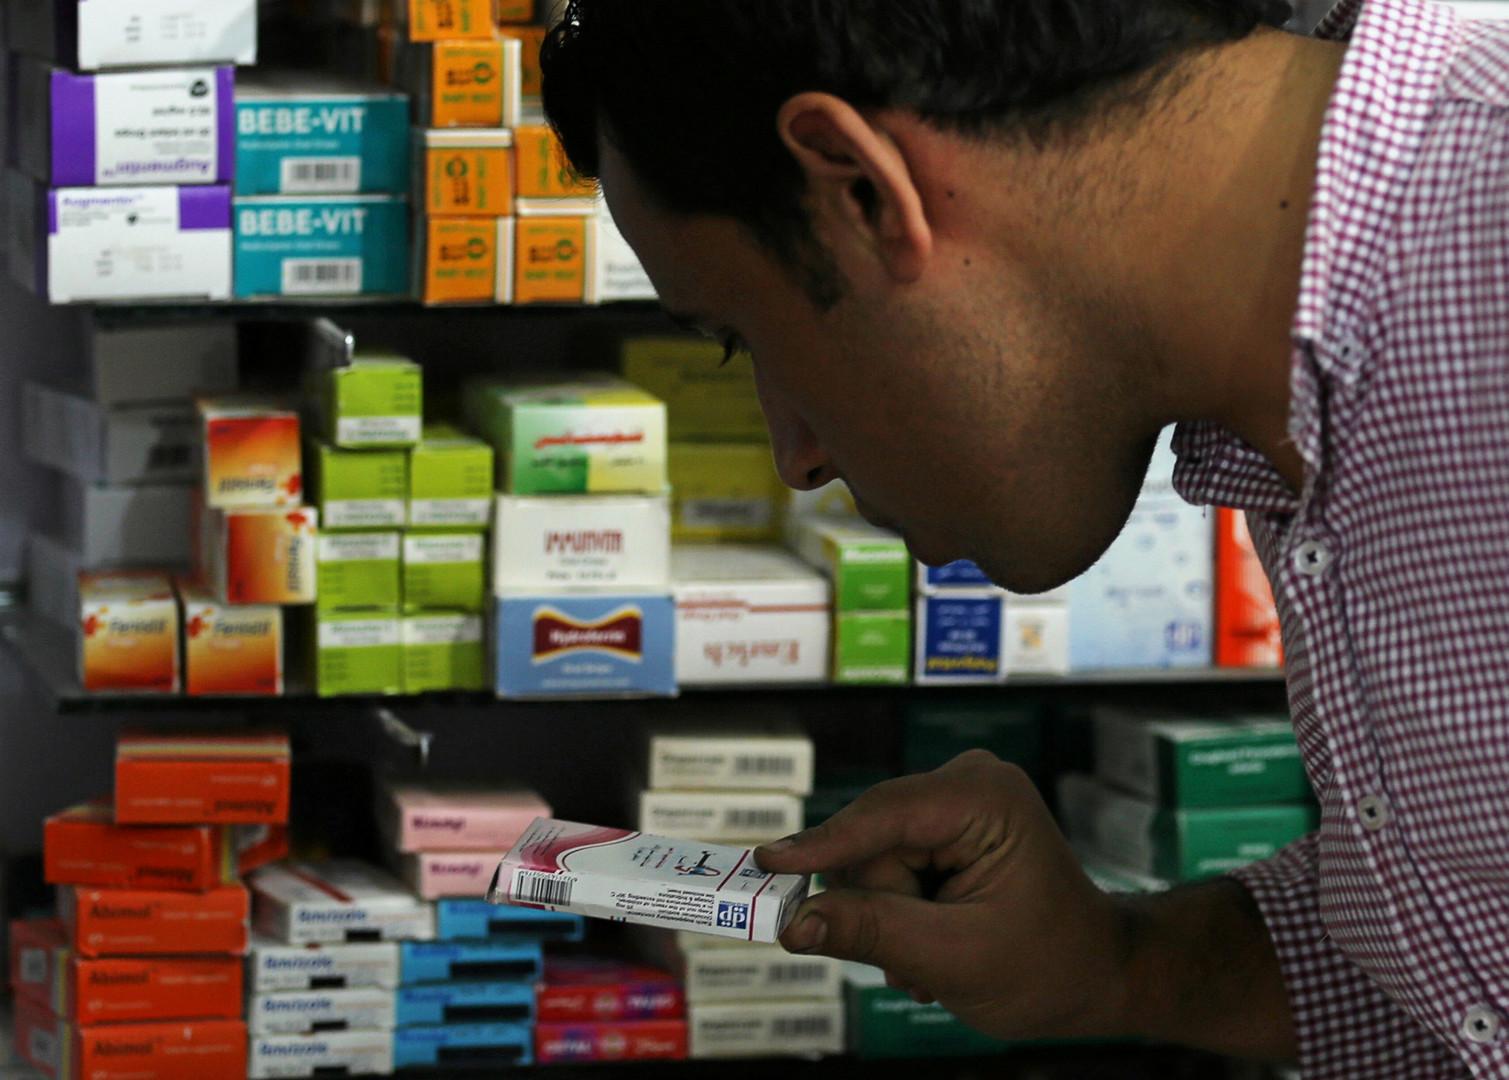 مصر تعلق على شائعات بوجود أدوية مسرطنة تباع في الأسواق